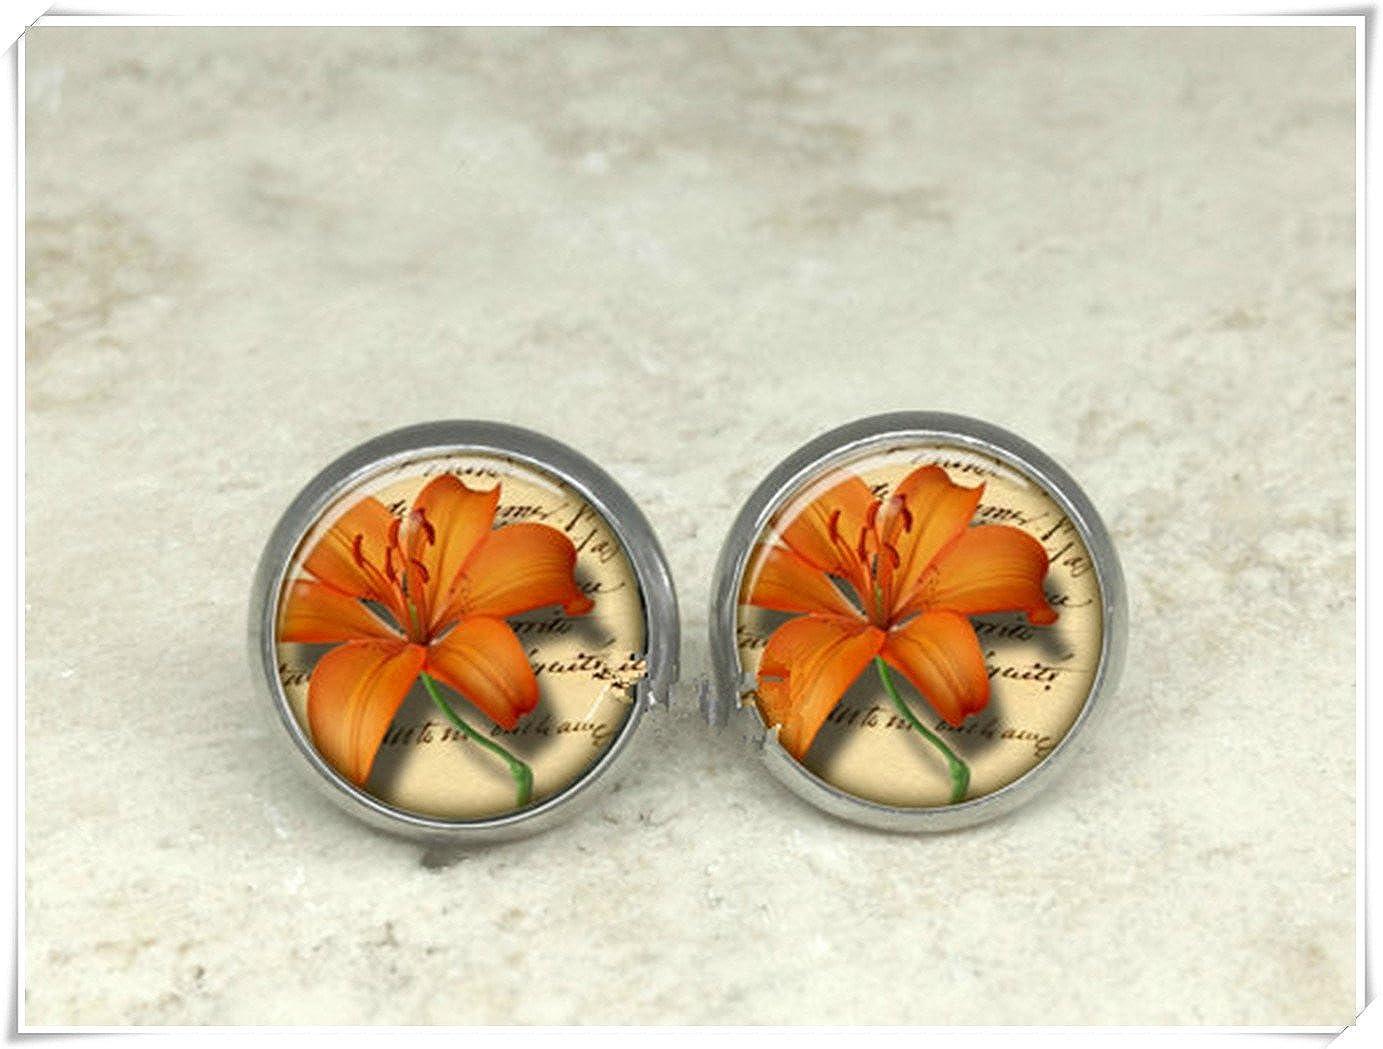 Elf House Pendientes de tigre naranja con forma de lirios, pendientes de tigre de lila, productos de cristal de cúpula, hechos a mano